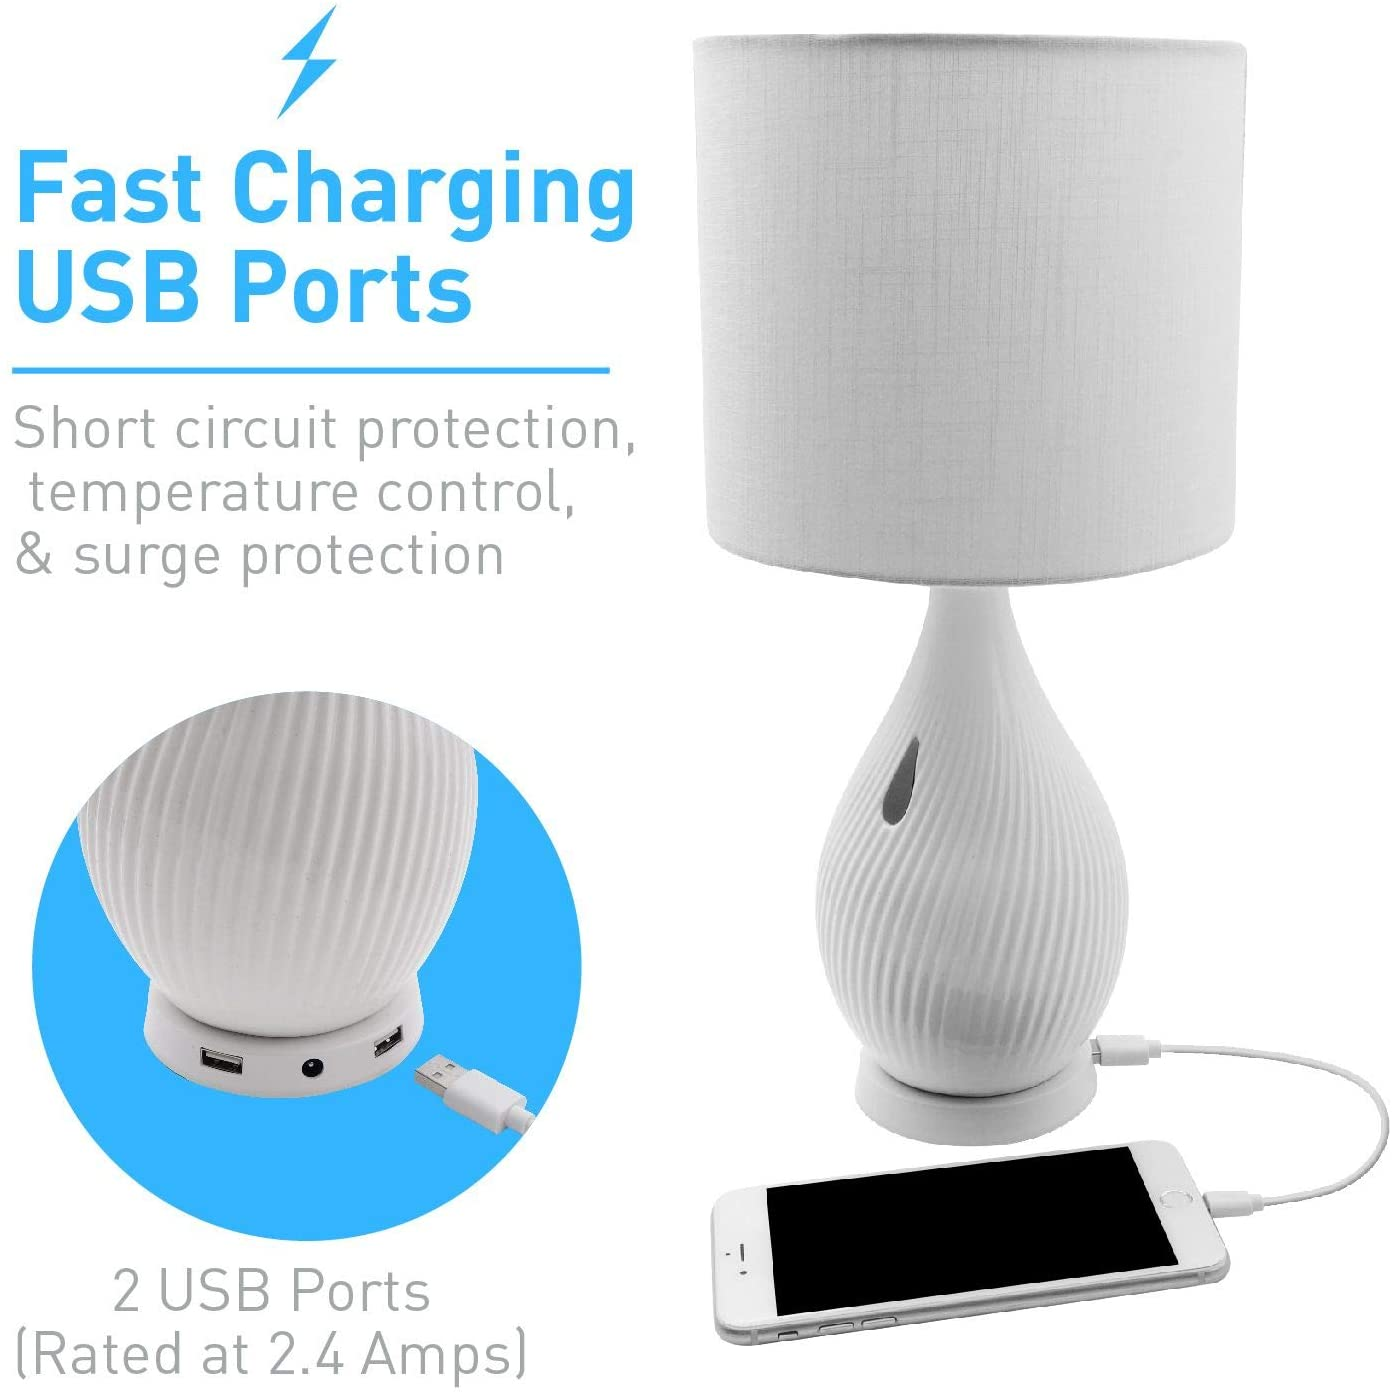 Macally Ceramic LED Table Lamp - настолна LED лампа с 2 х USB-A изхода за зареждане на мобилни устройства (бял) - 2